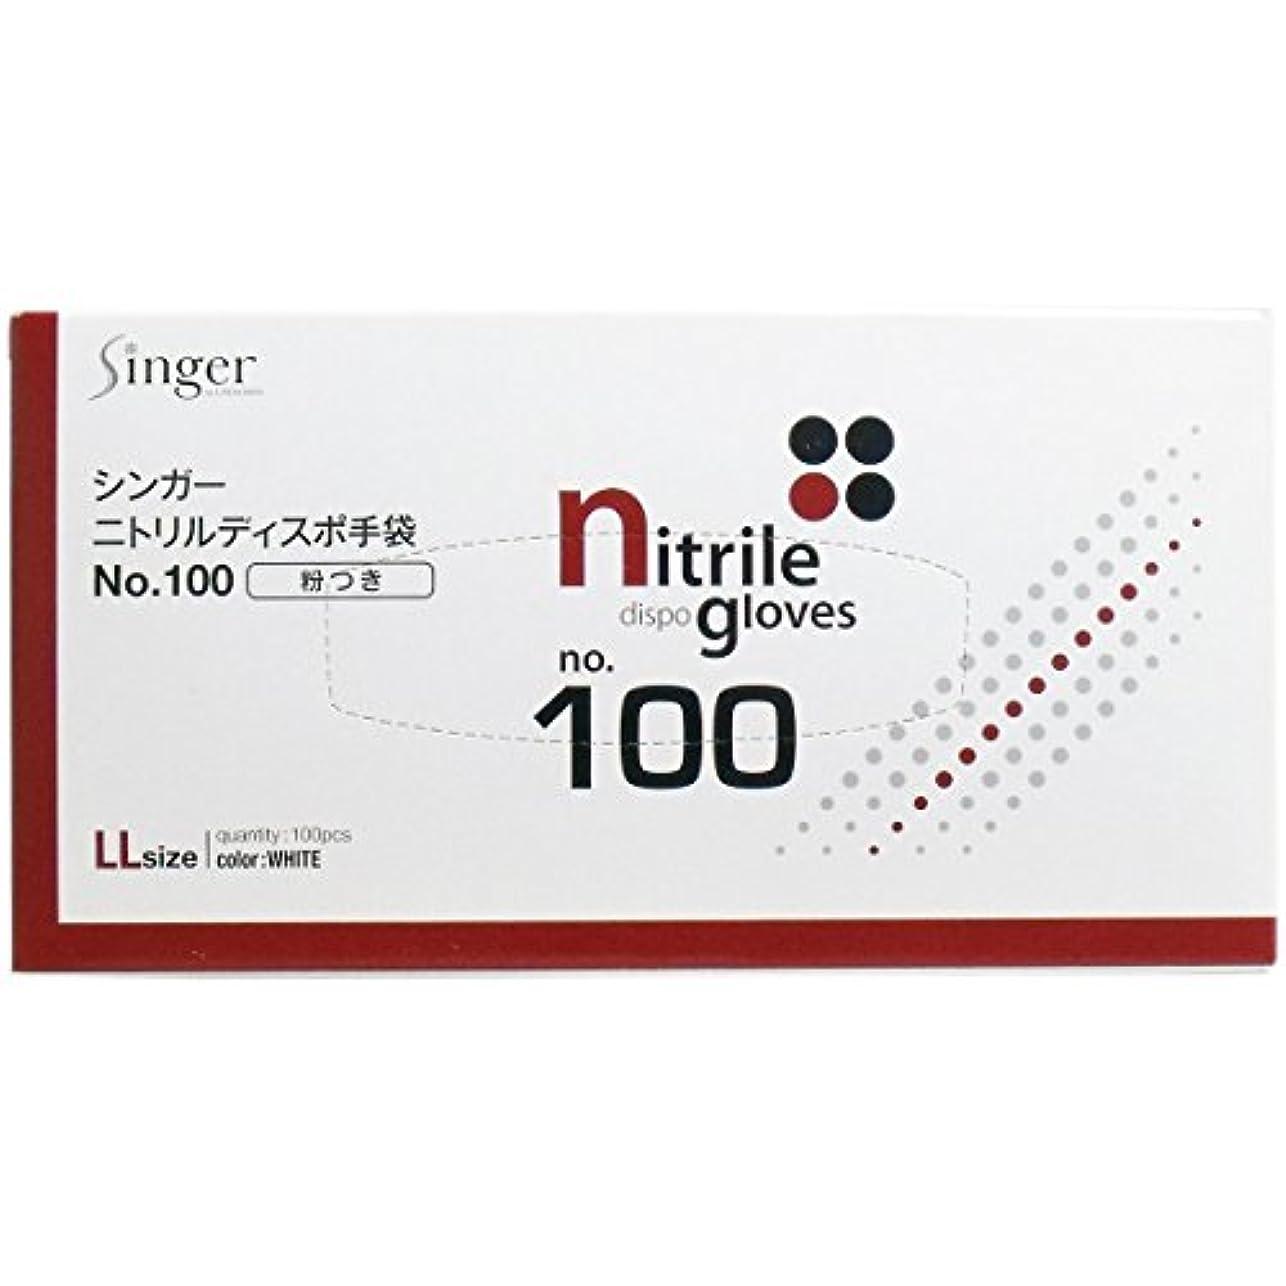 シンガーニトリルディスポ手袋 No.100 白 粉付 LLサイズ 100枚×20箱入